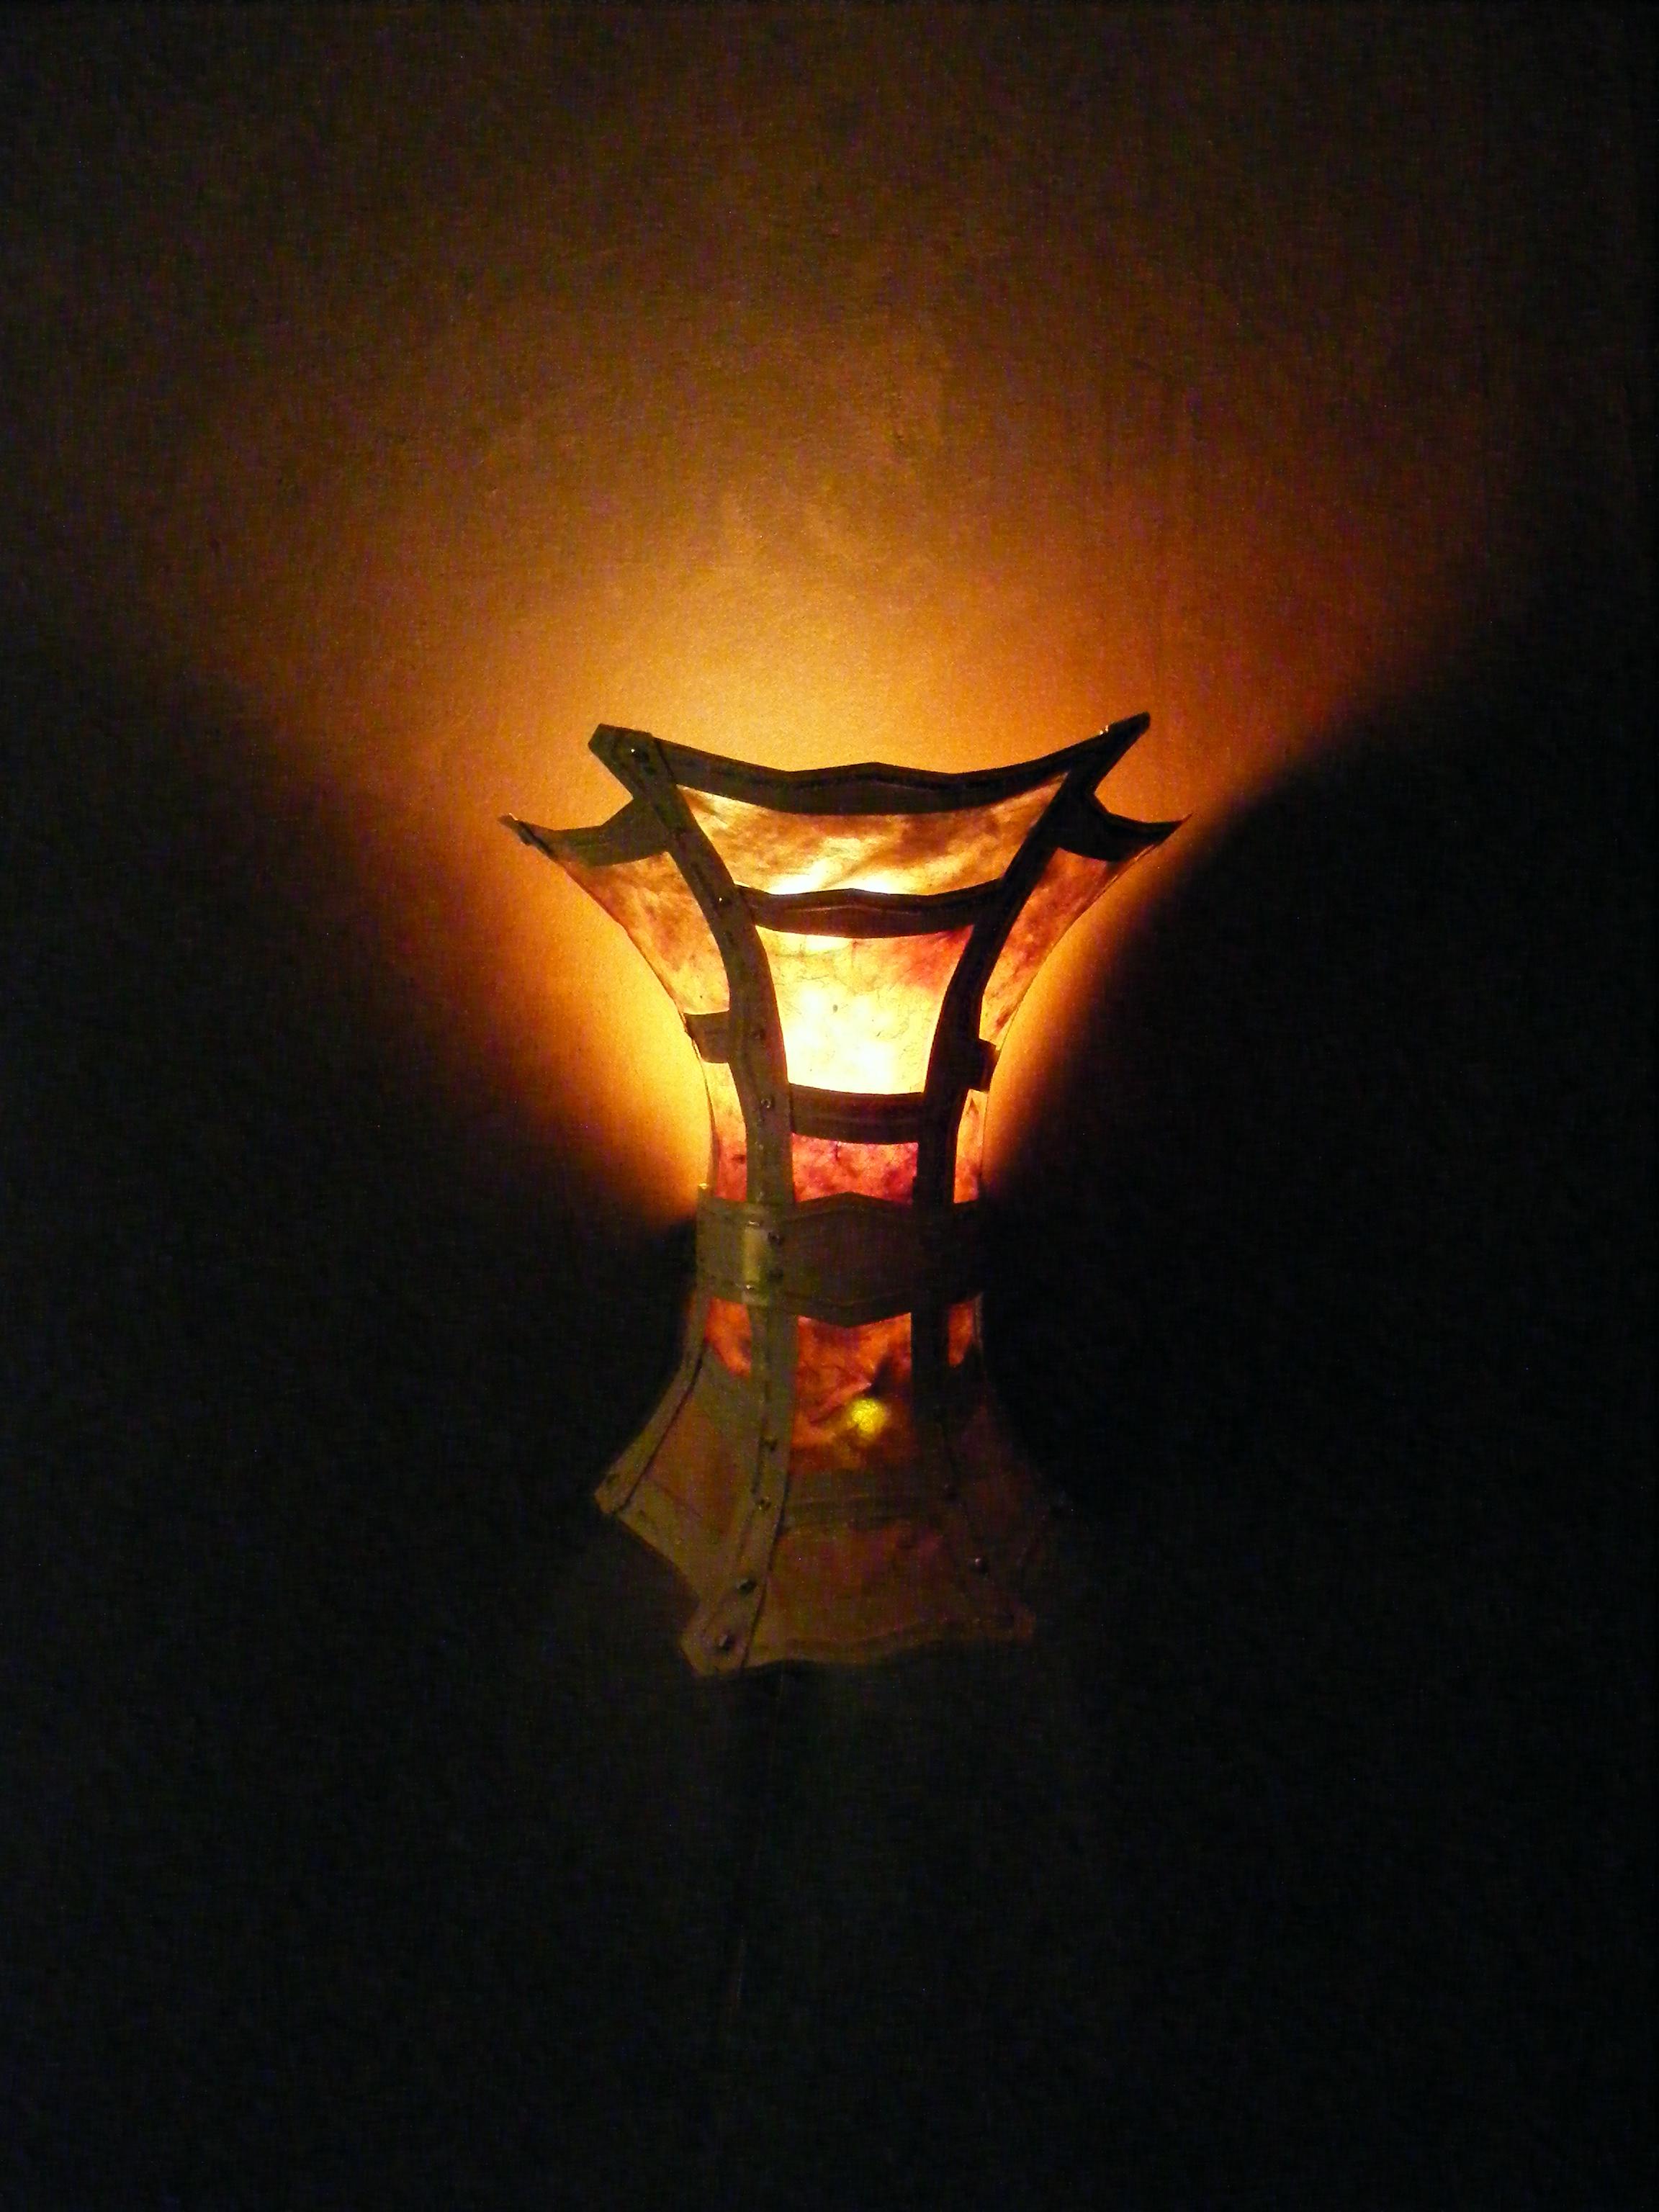 Illuminated Wall Sconce